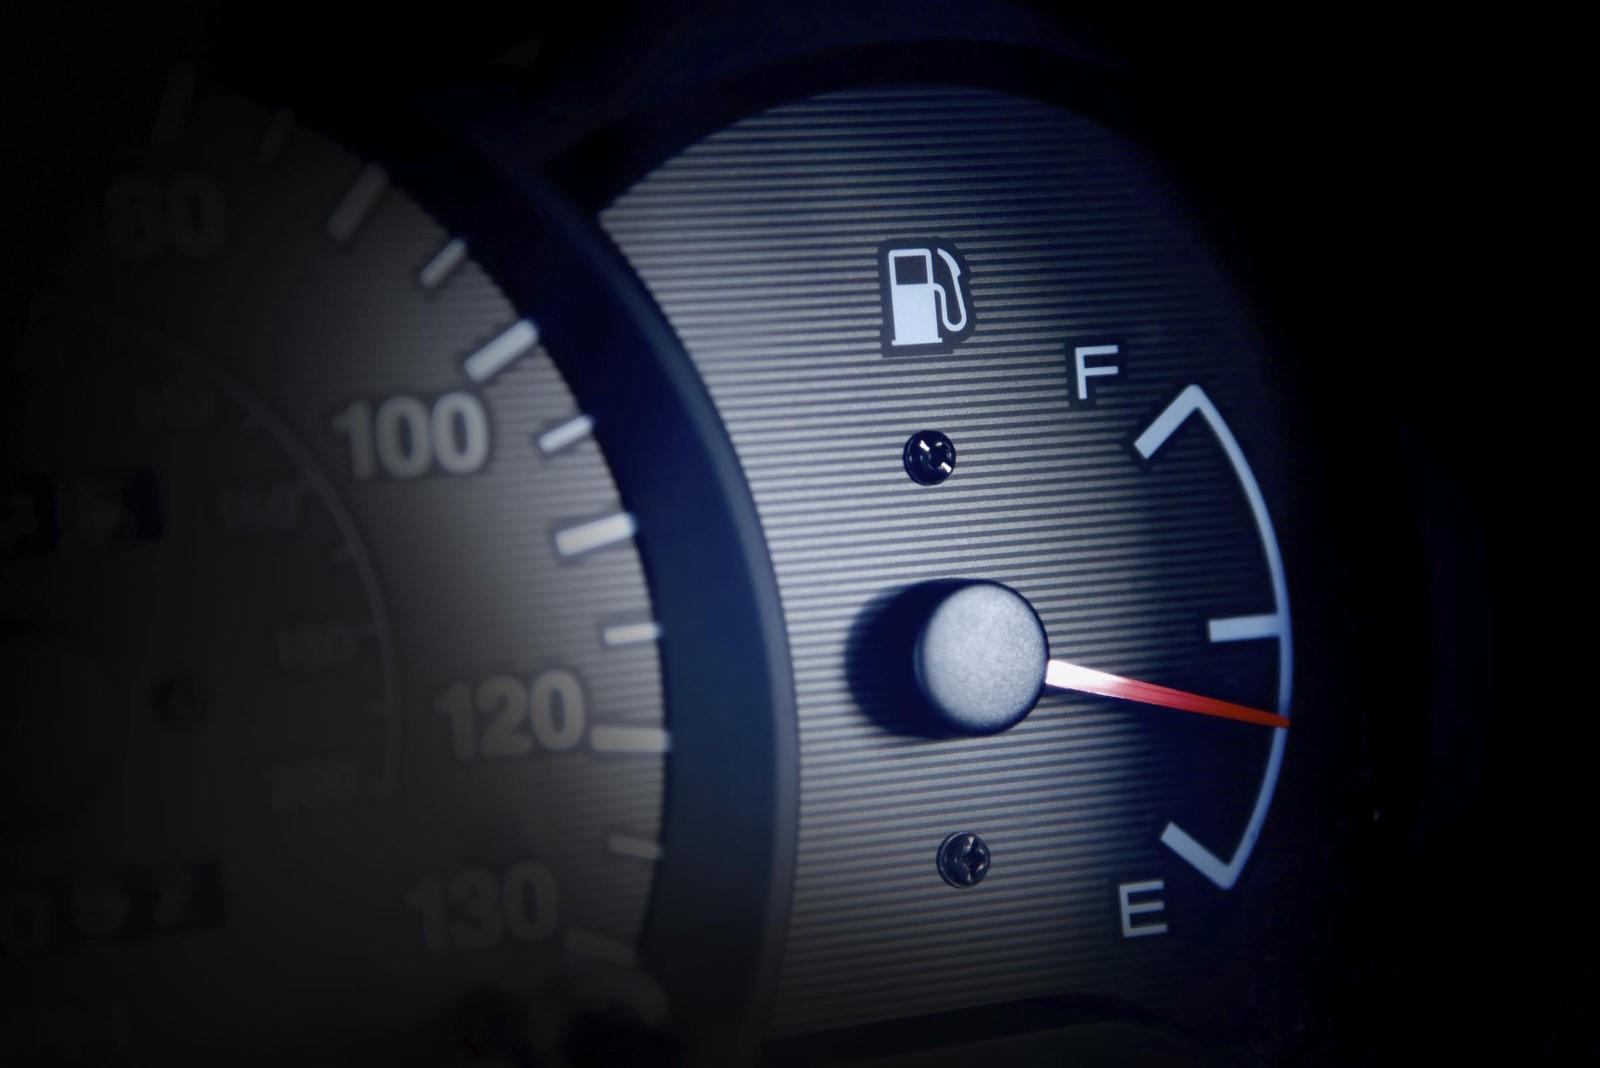 Новите автомобили трошат до 39% повеќе од фабрички декларираното